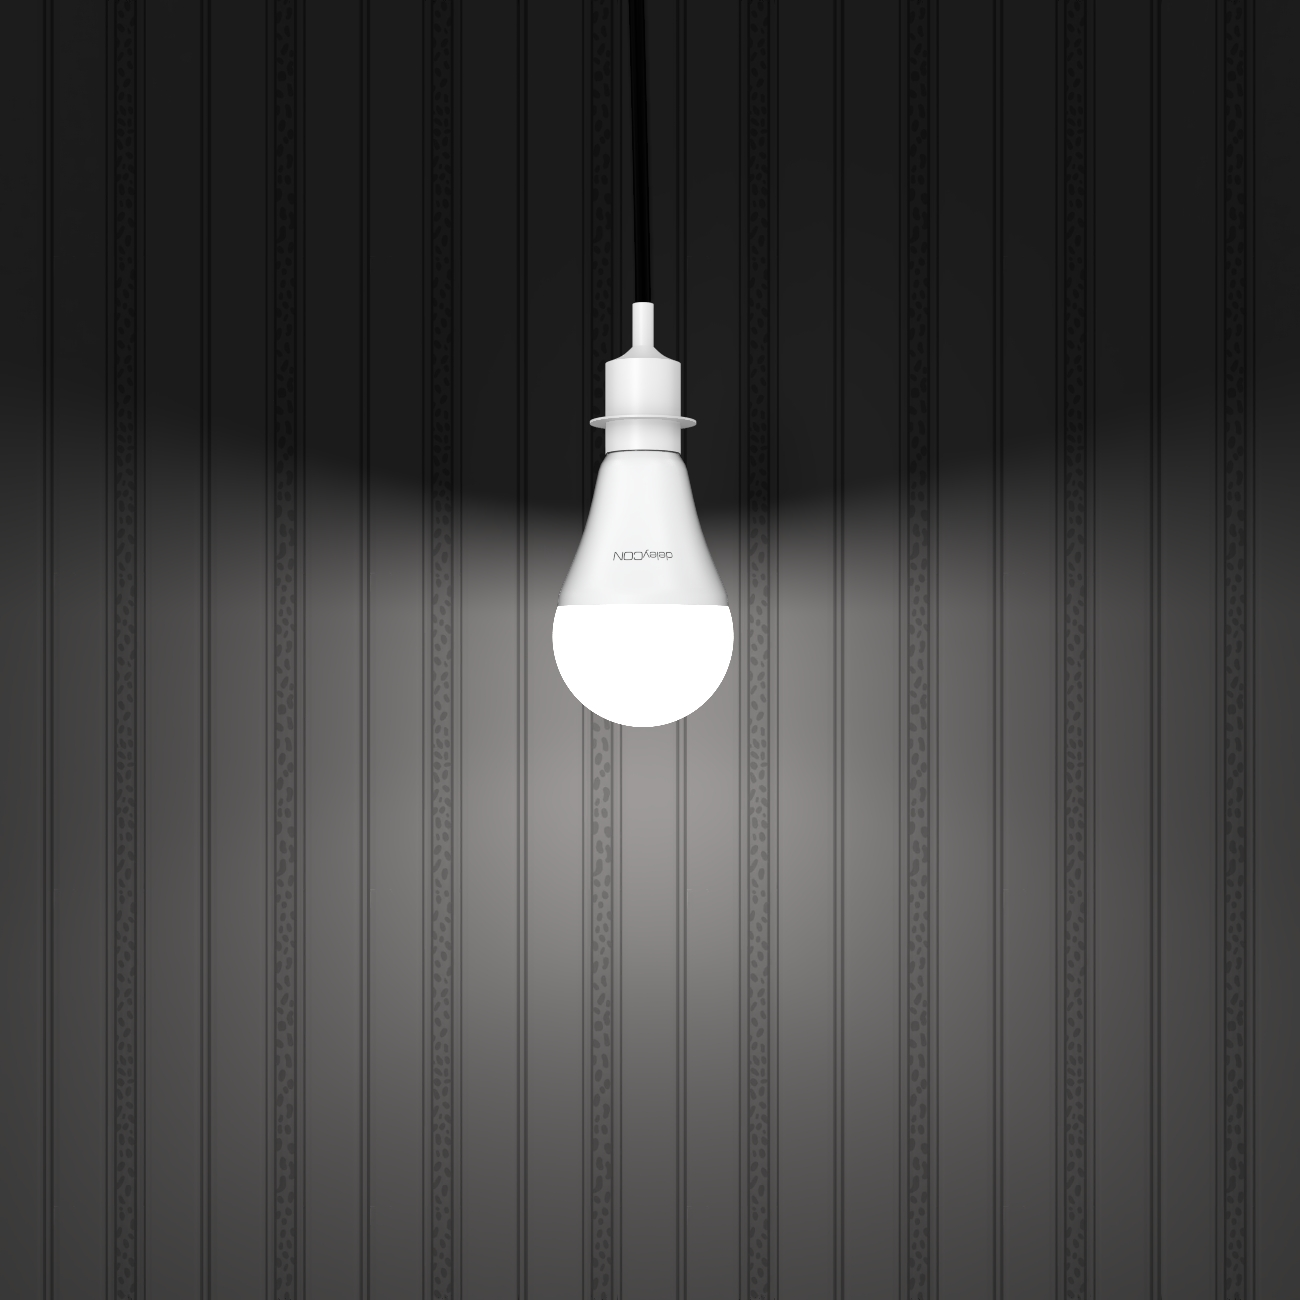 Deleycon led energiesparlampe e27 a60 6000k kalt wei deleycon led lampe energiesparlampe energiesparleuchte licht ist nicht gleich licht schaffen sie mit deleycon led energiesparlampen wohlfhlatmosphre in parisarafo Gallery